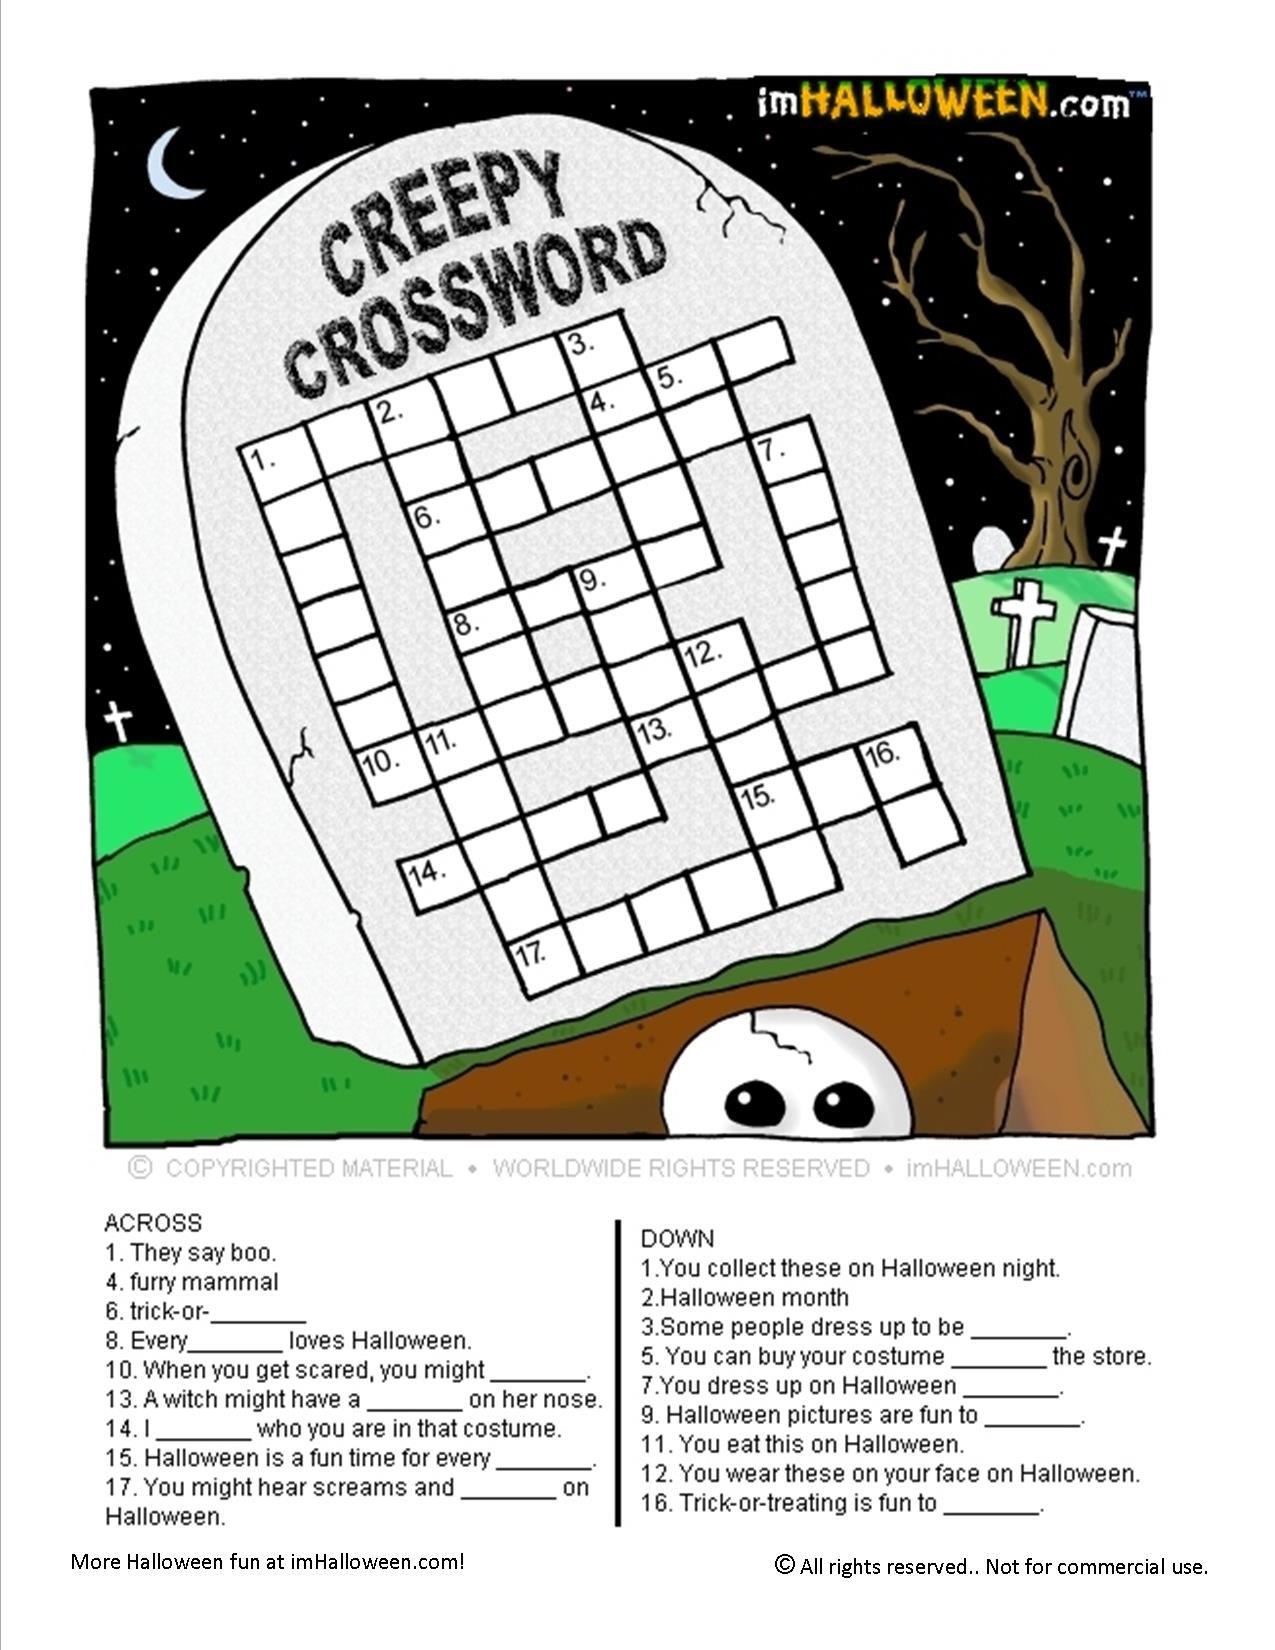 Creepy Halloween Crossword Puzzle